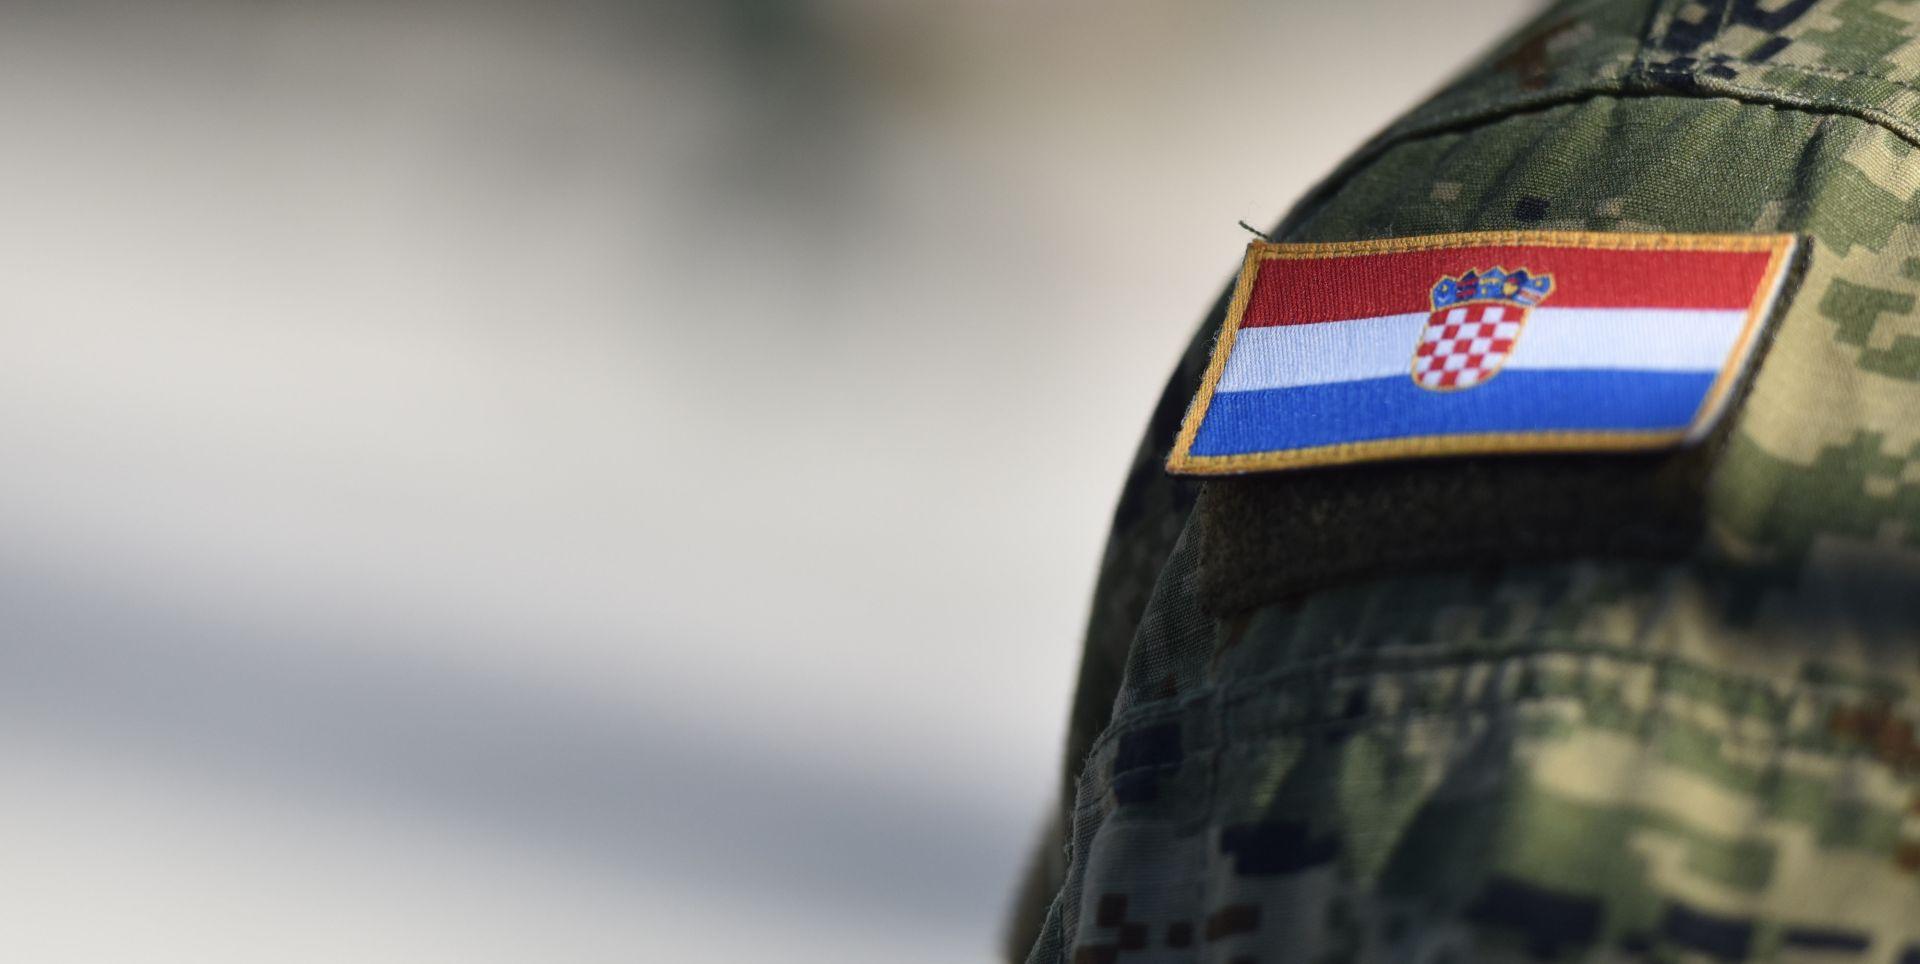 MORH Tijekom vojne vježbe u Istri, meta za gađanje u zraku pala na kuću